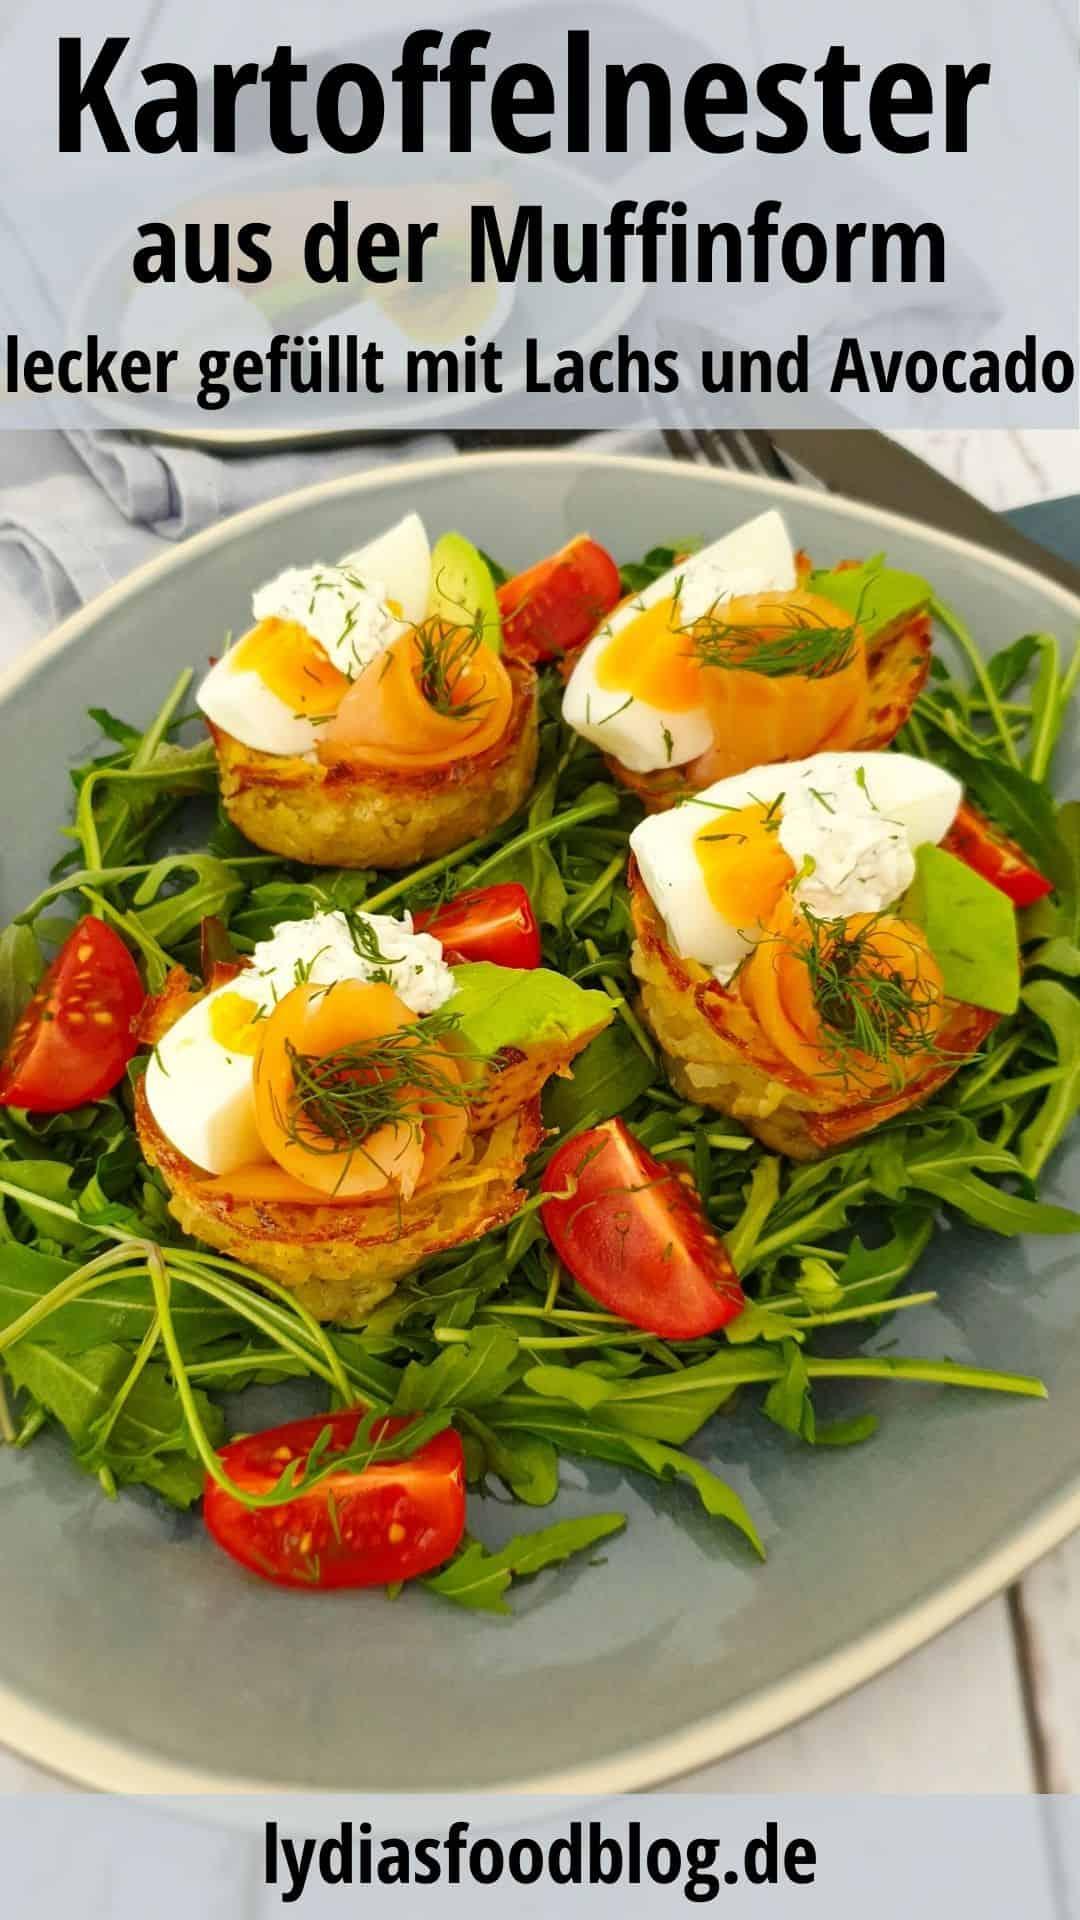 Kartoffel-Nester mit Lachs und Avocado angerichtet auf einem blauen Servierteller.